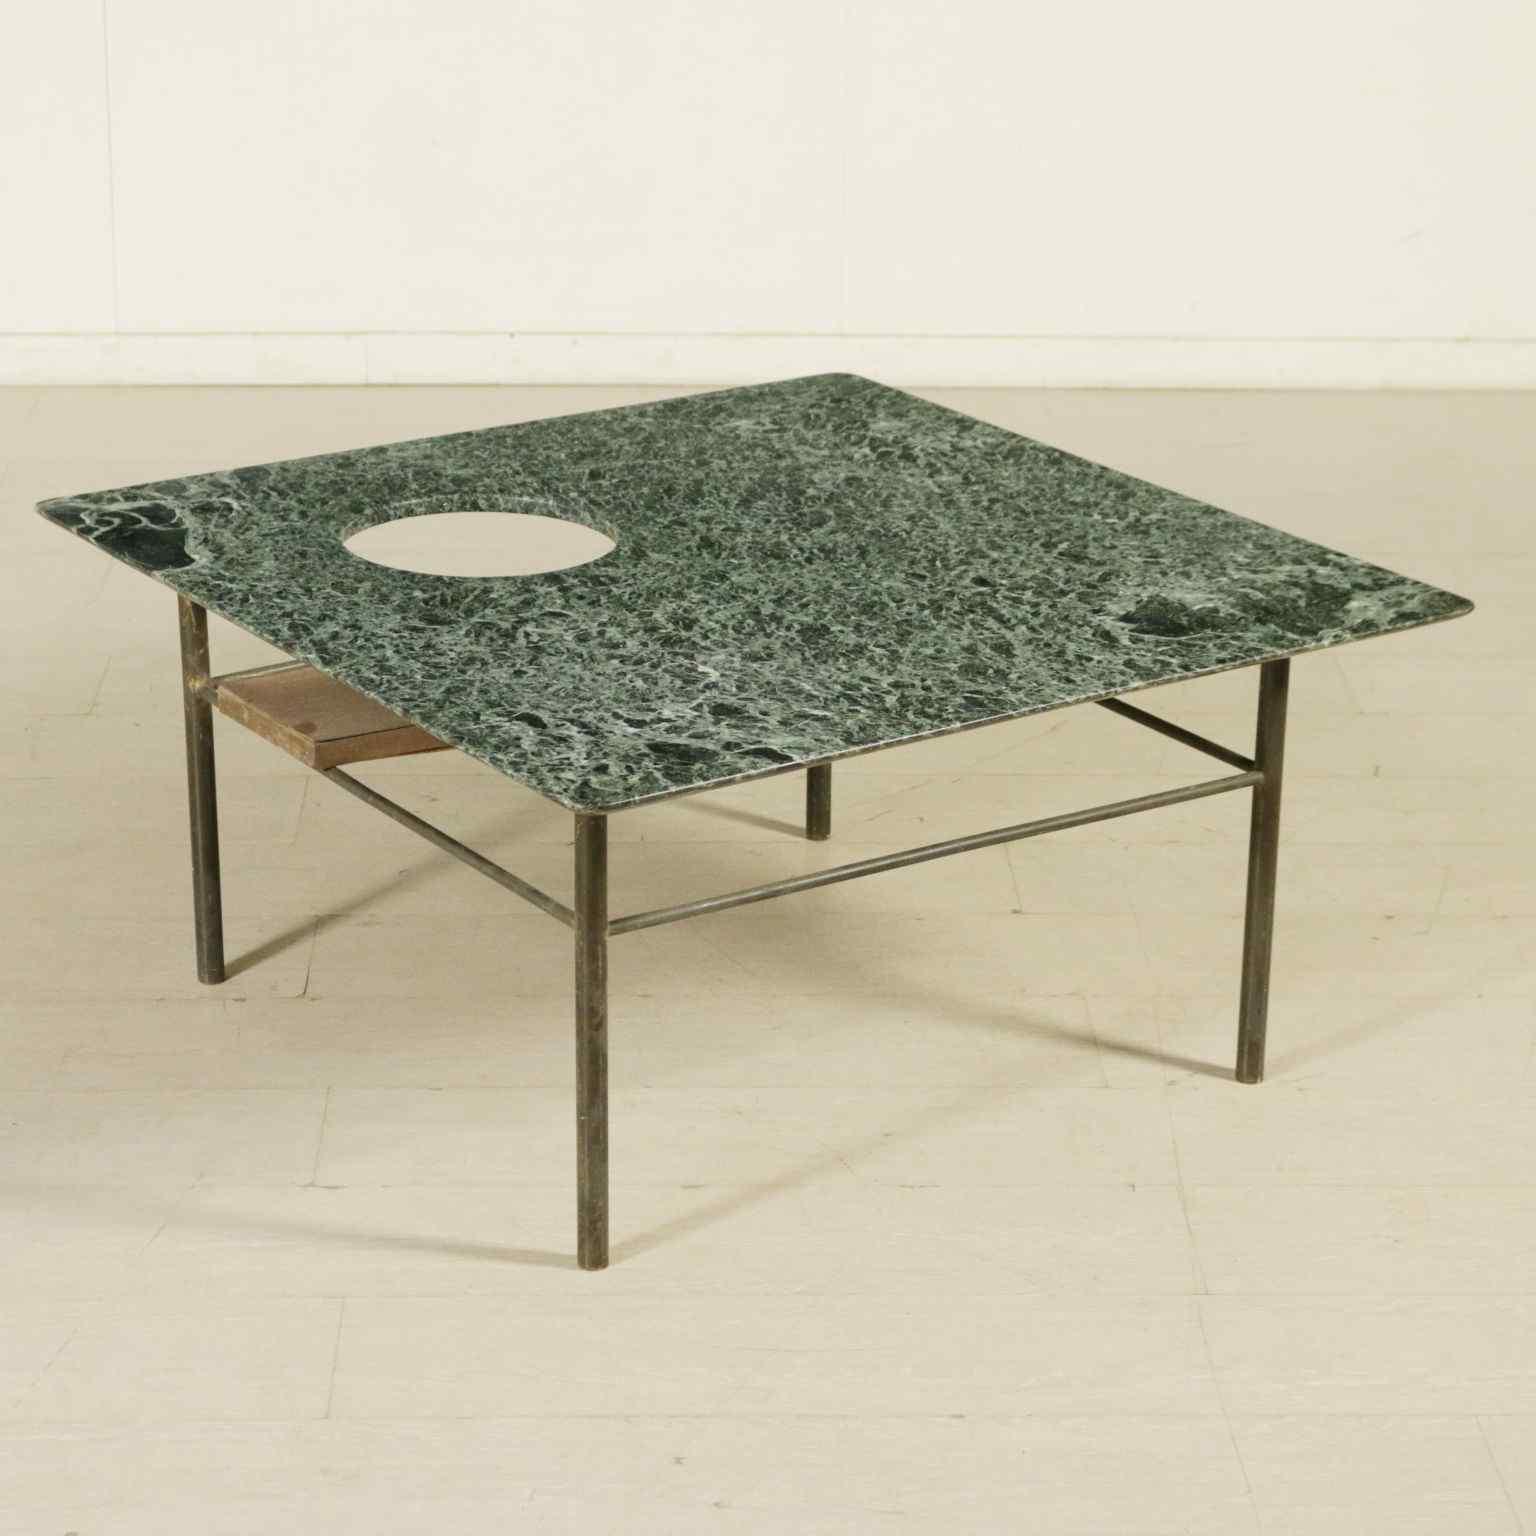 Tavolino anni 50 60 anticswiss for Tavolino anni 60 design